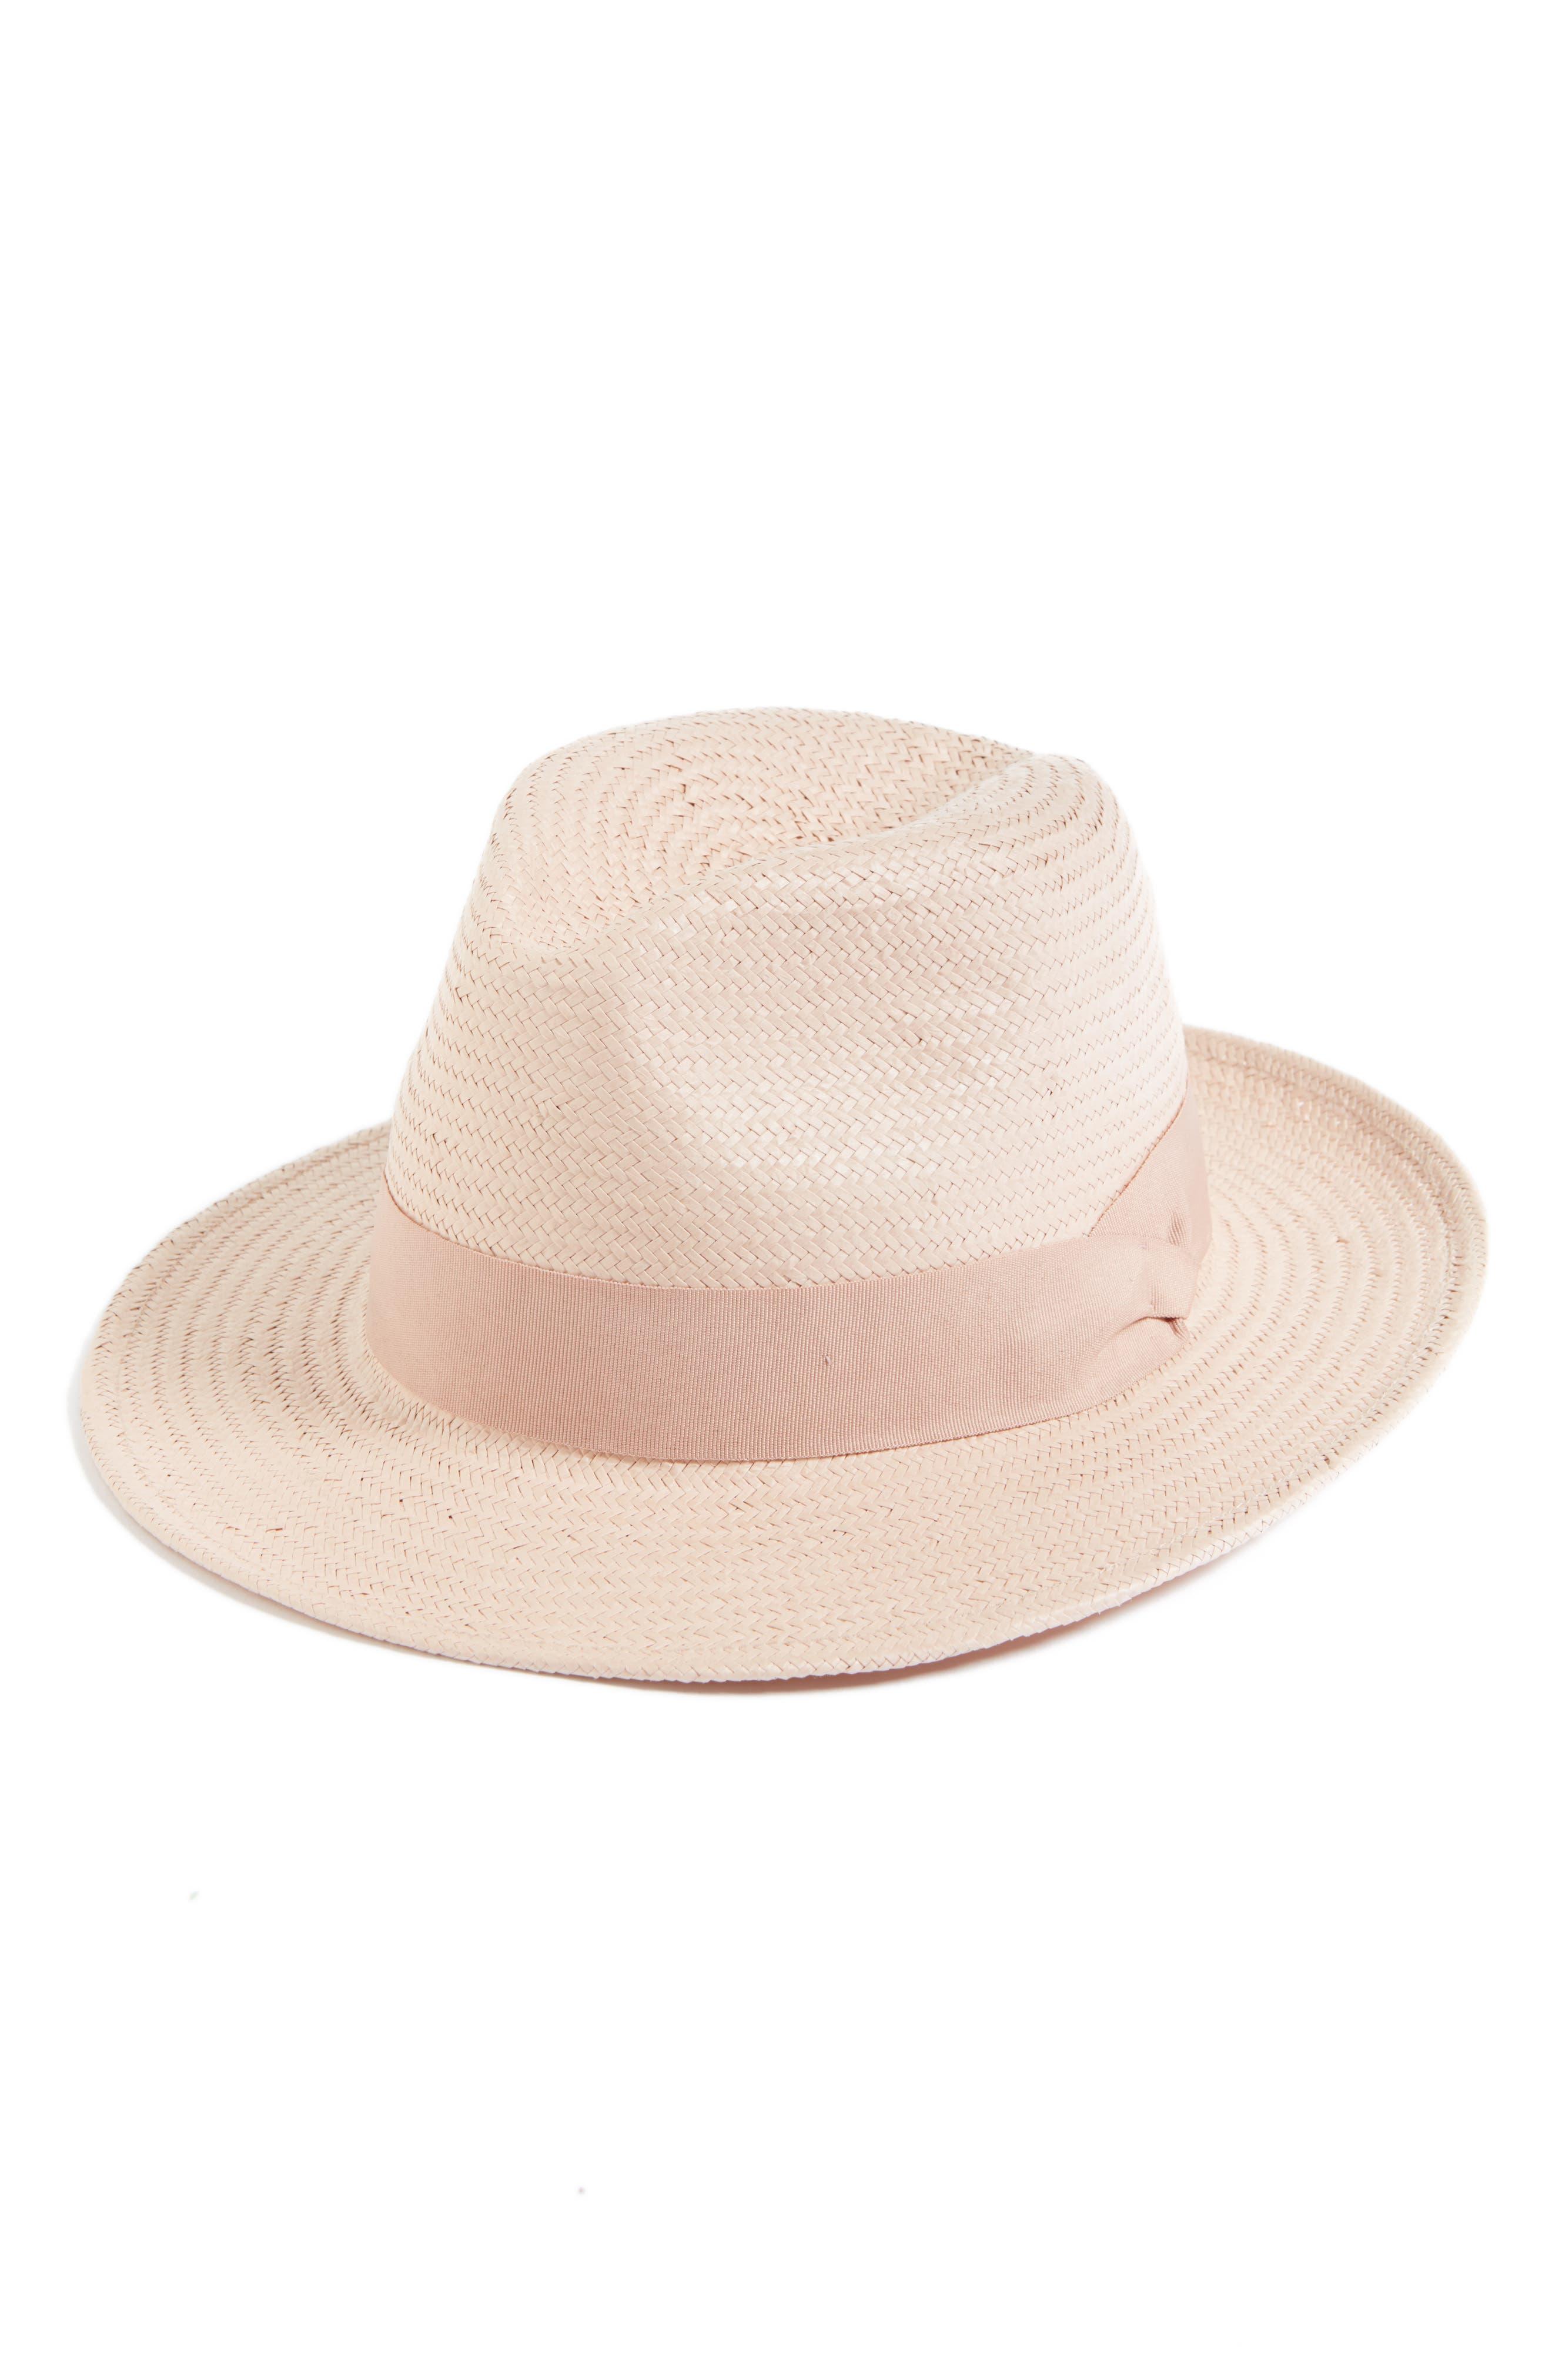 Straw Panama Hat,                             Main thumbnail 1, color,                             Blush